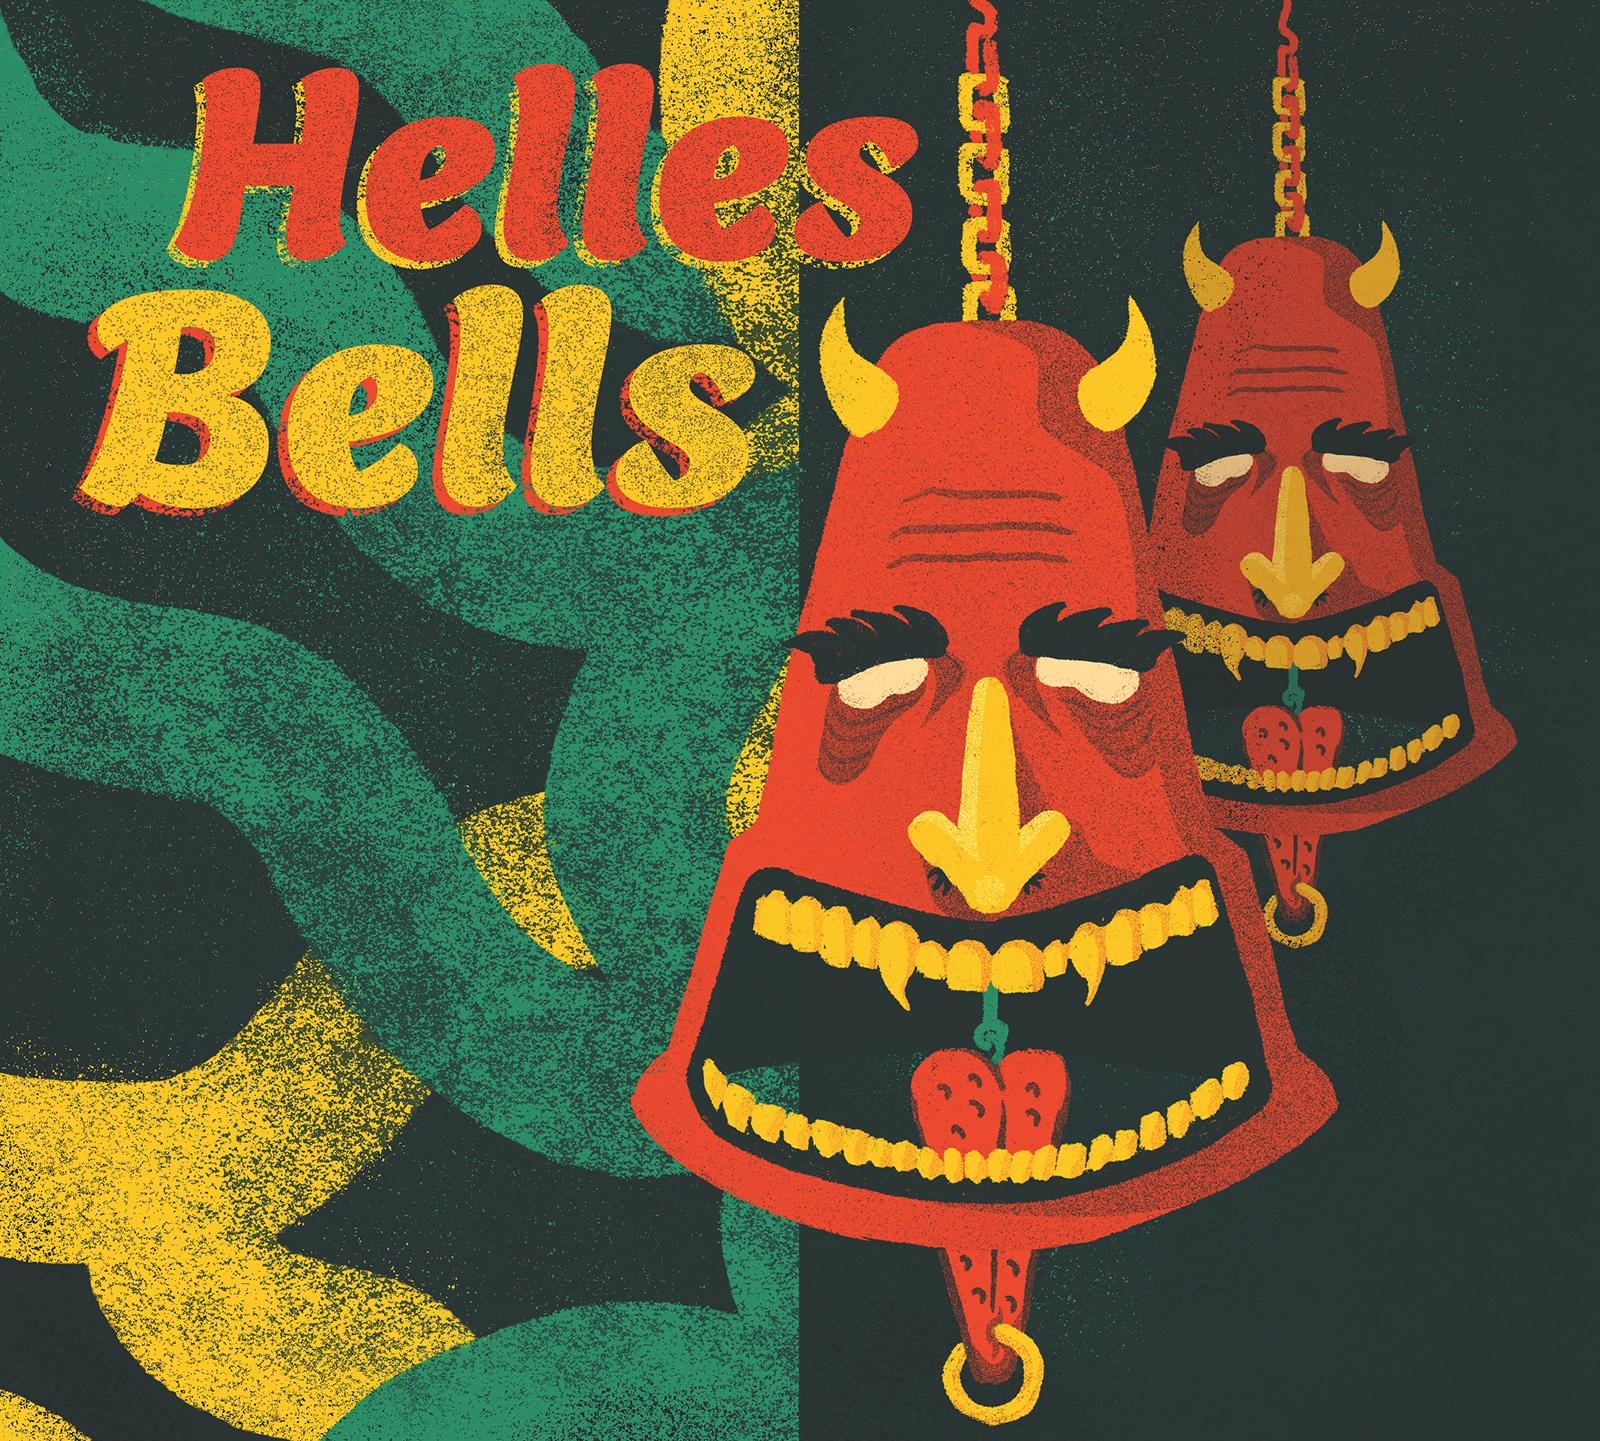 Helles-bells.jpg